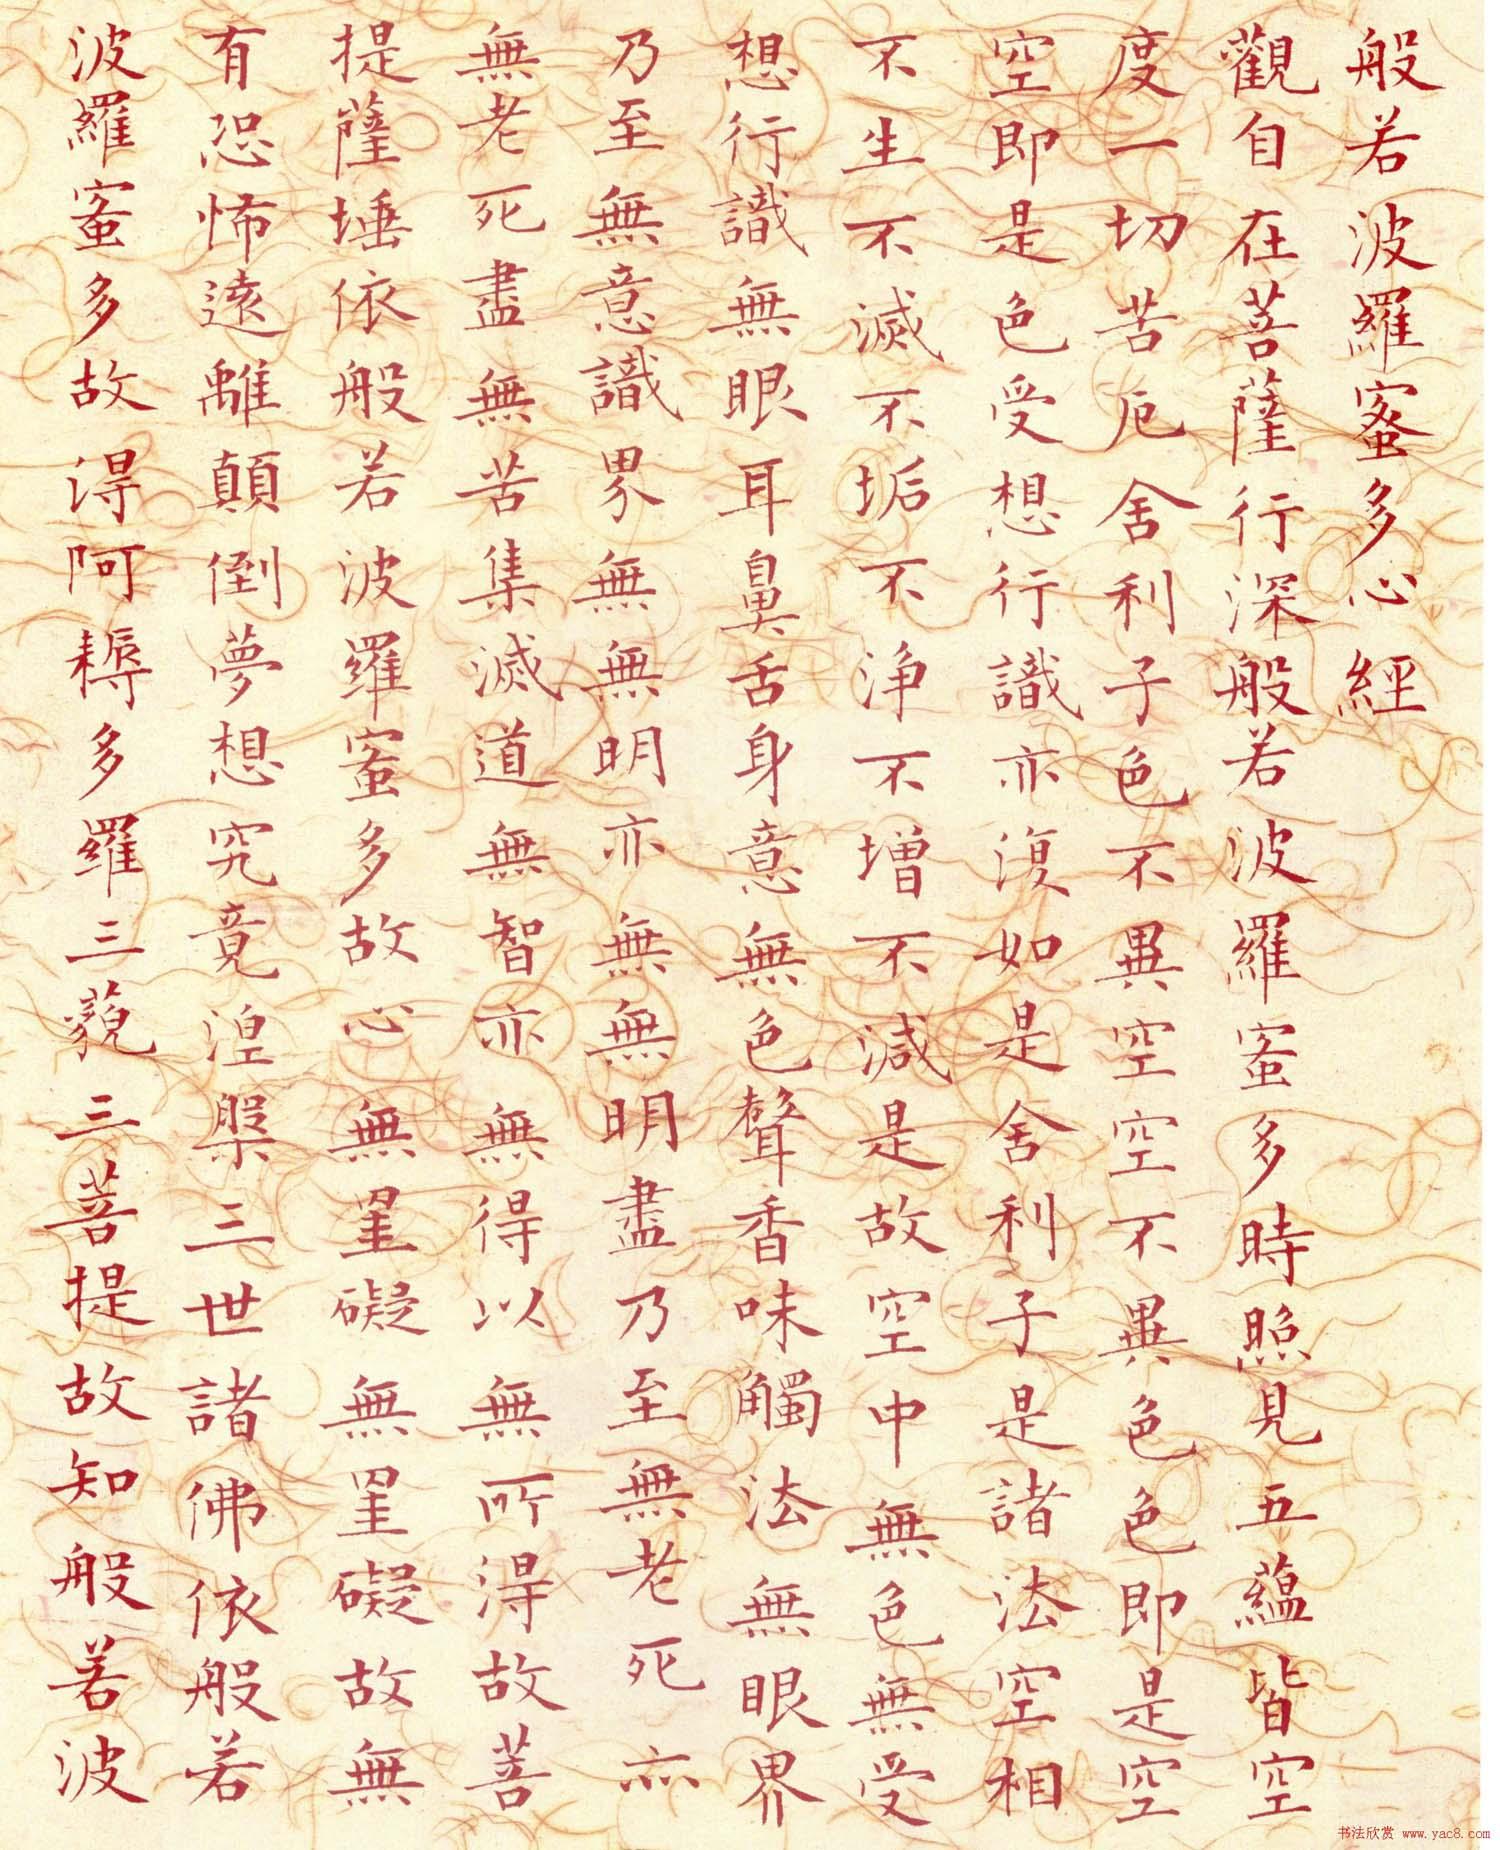 近代溥儒书法小楷 心经图片